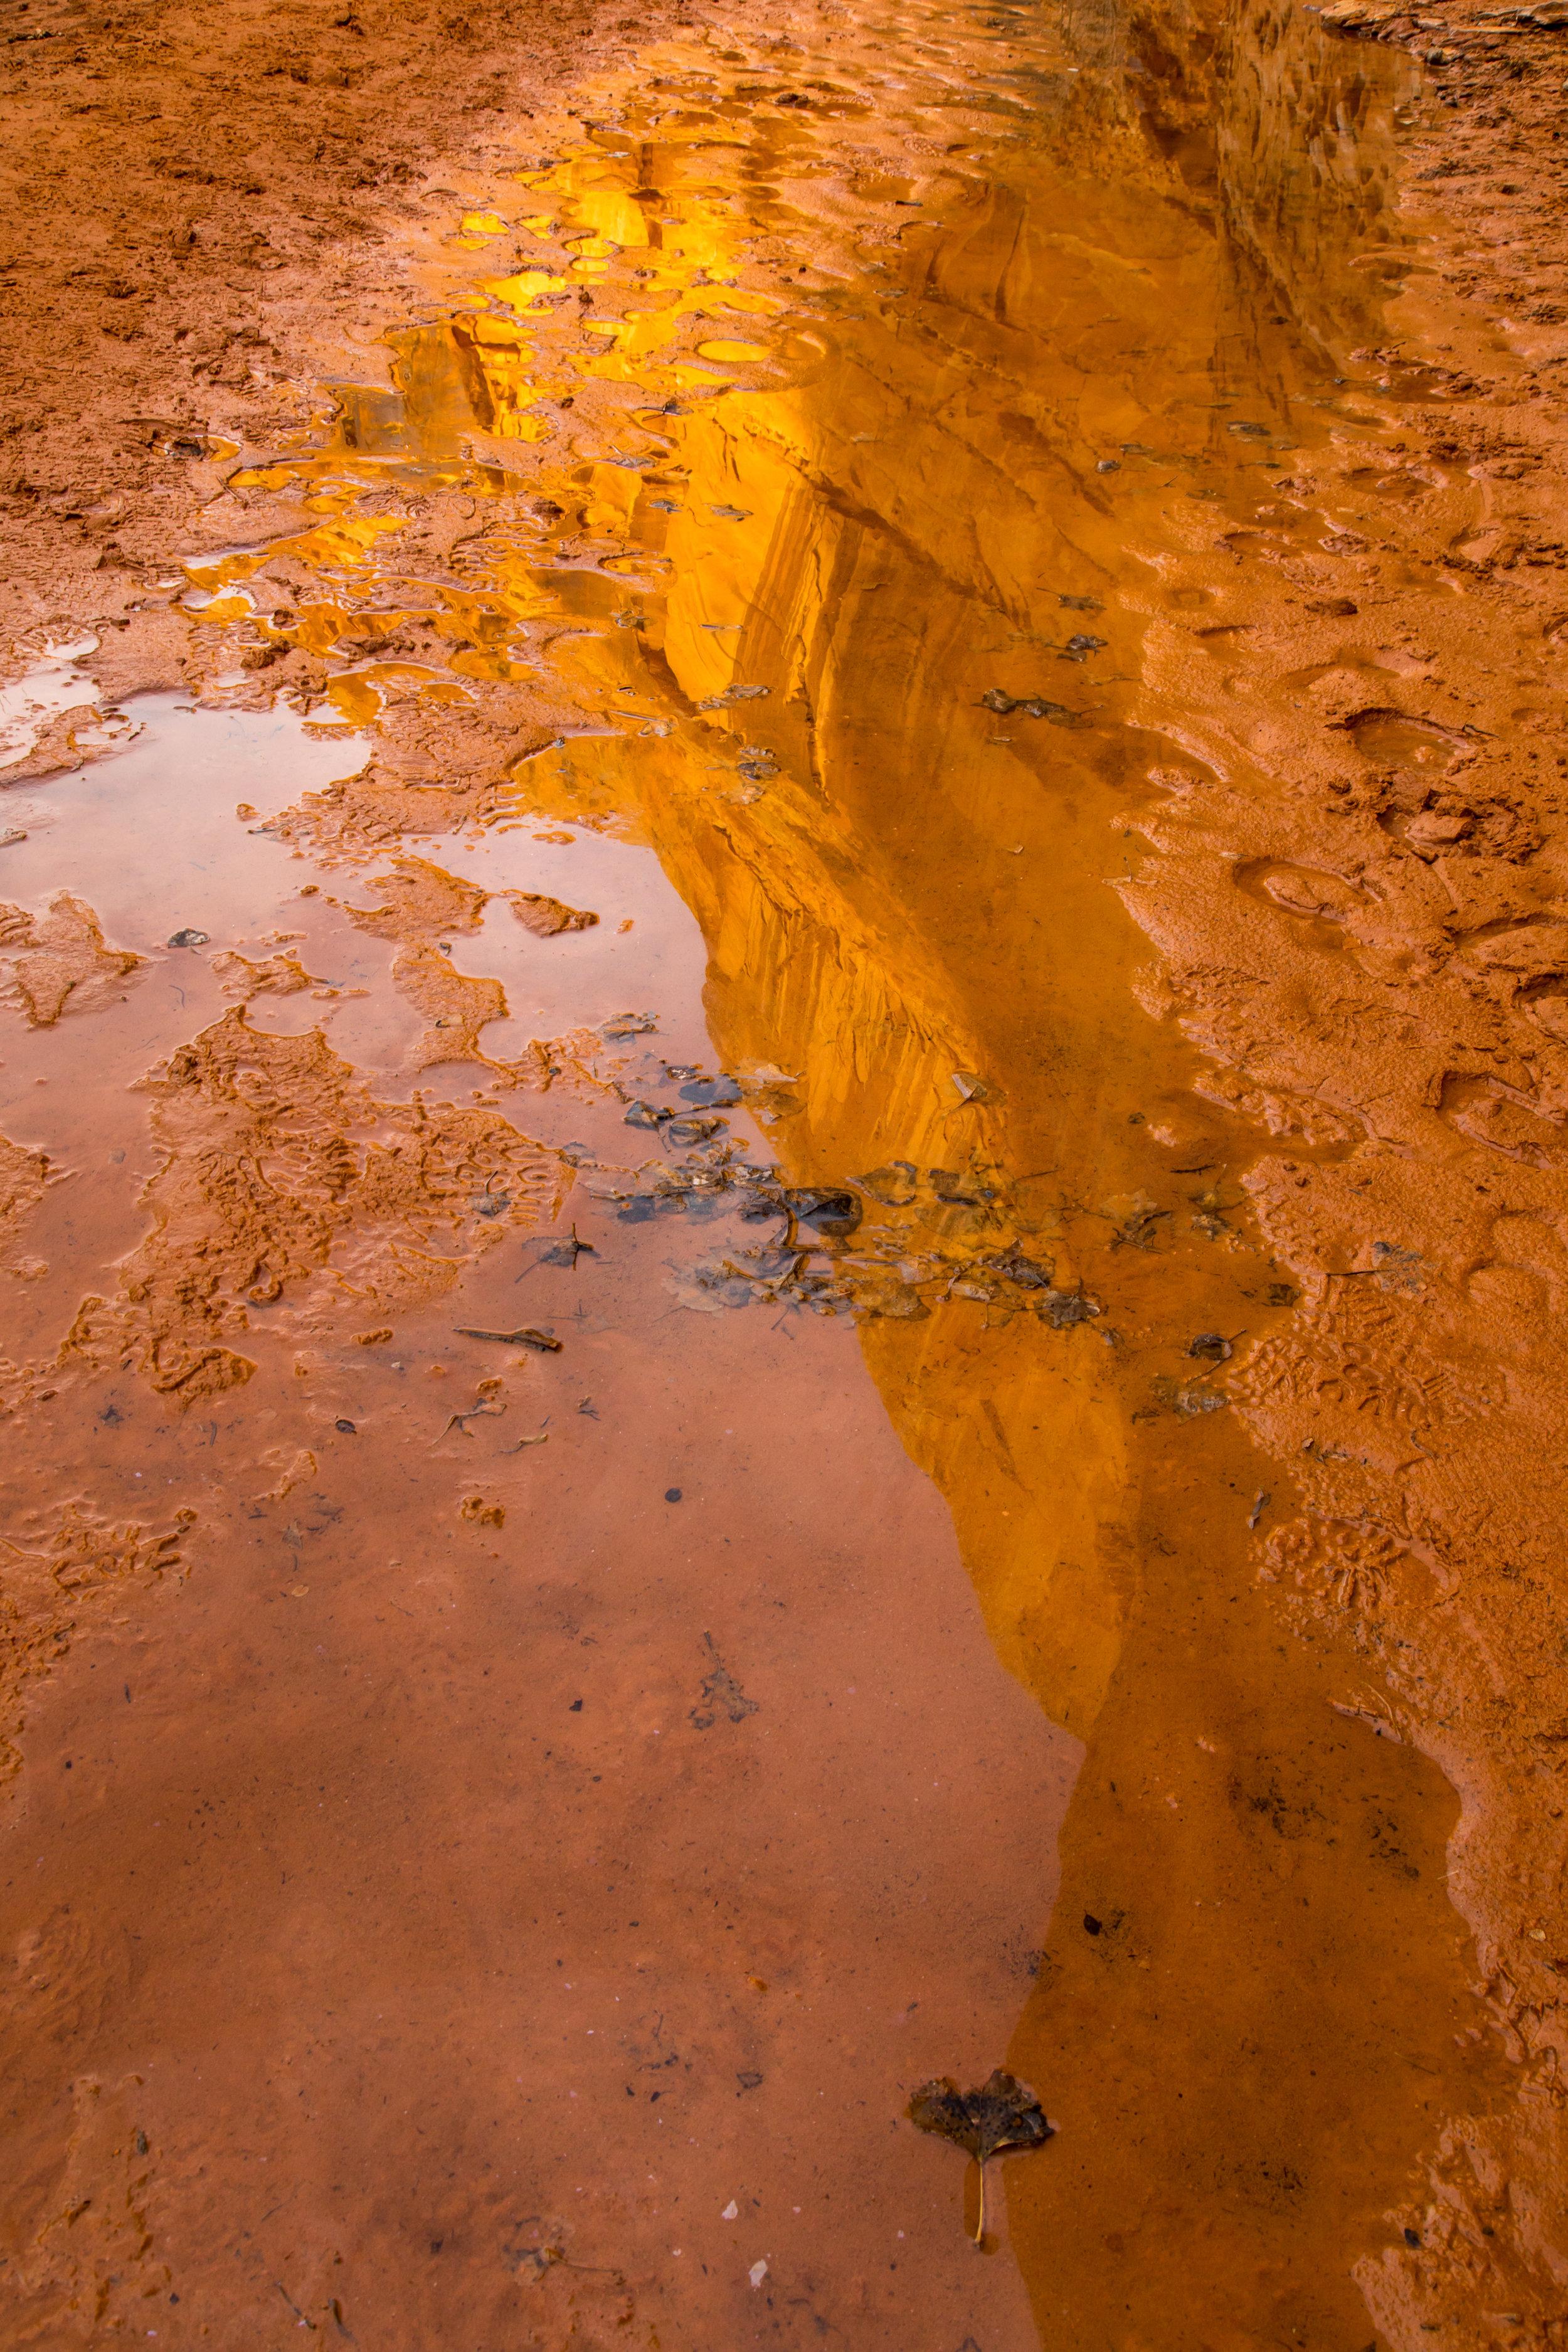 Horseshoe Canyon, Image # 7920